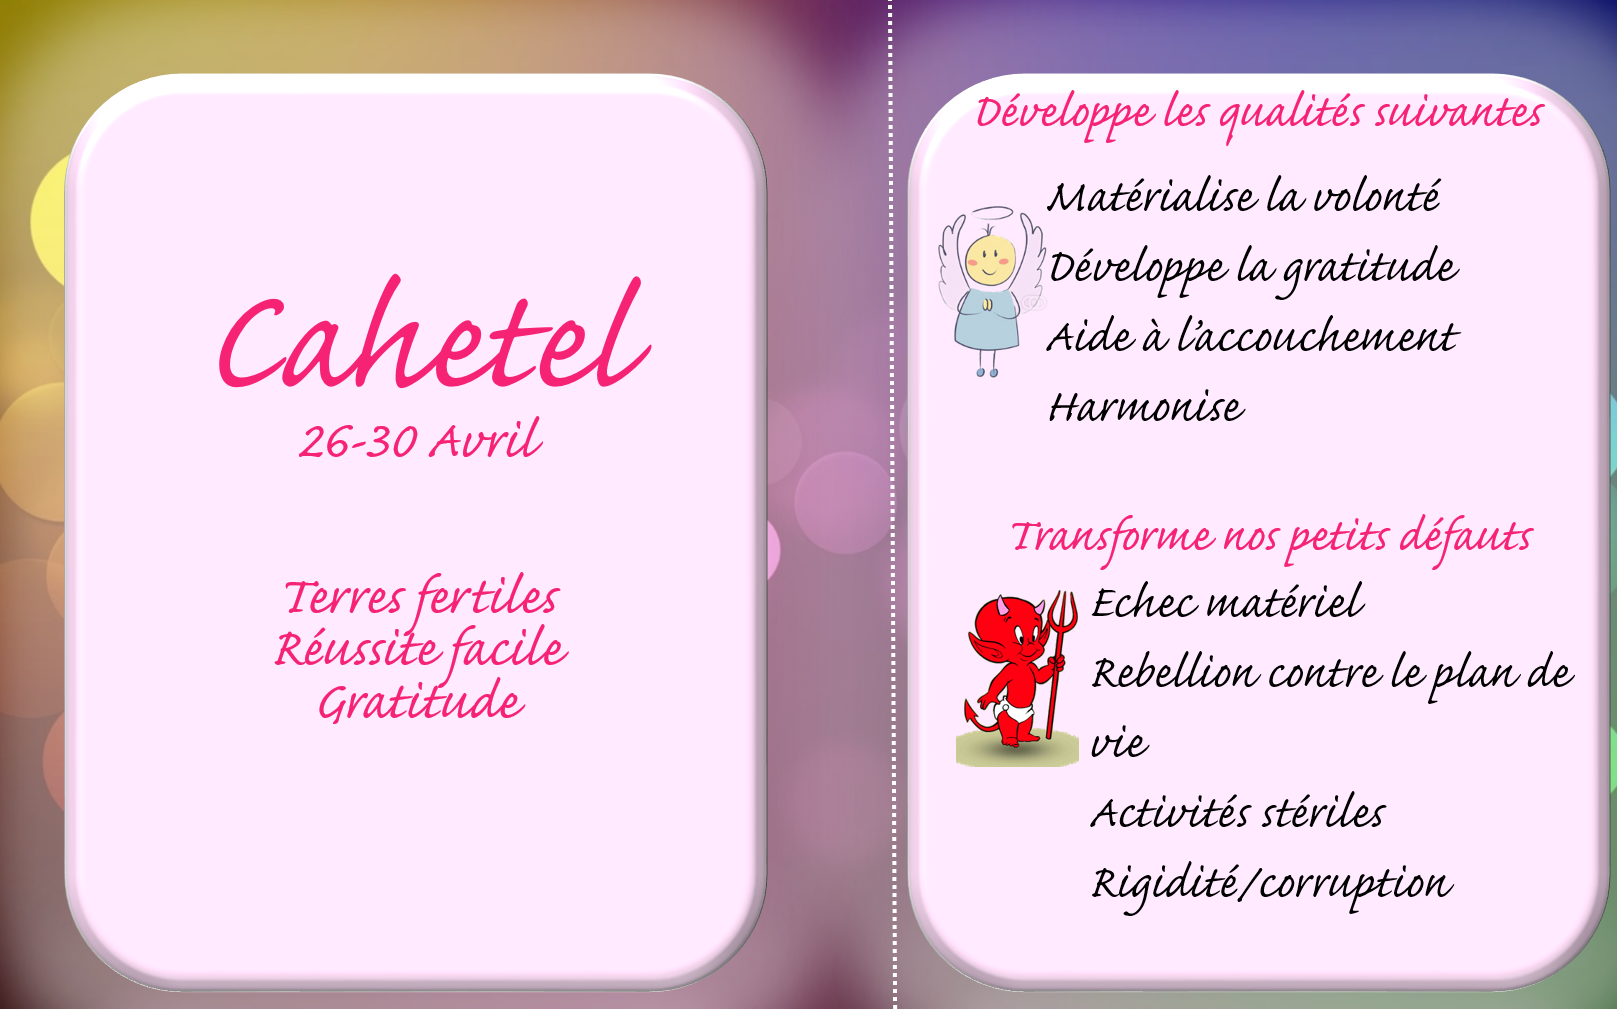 Cahetel